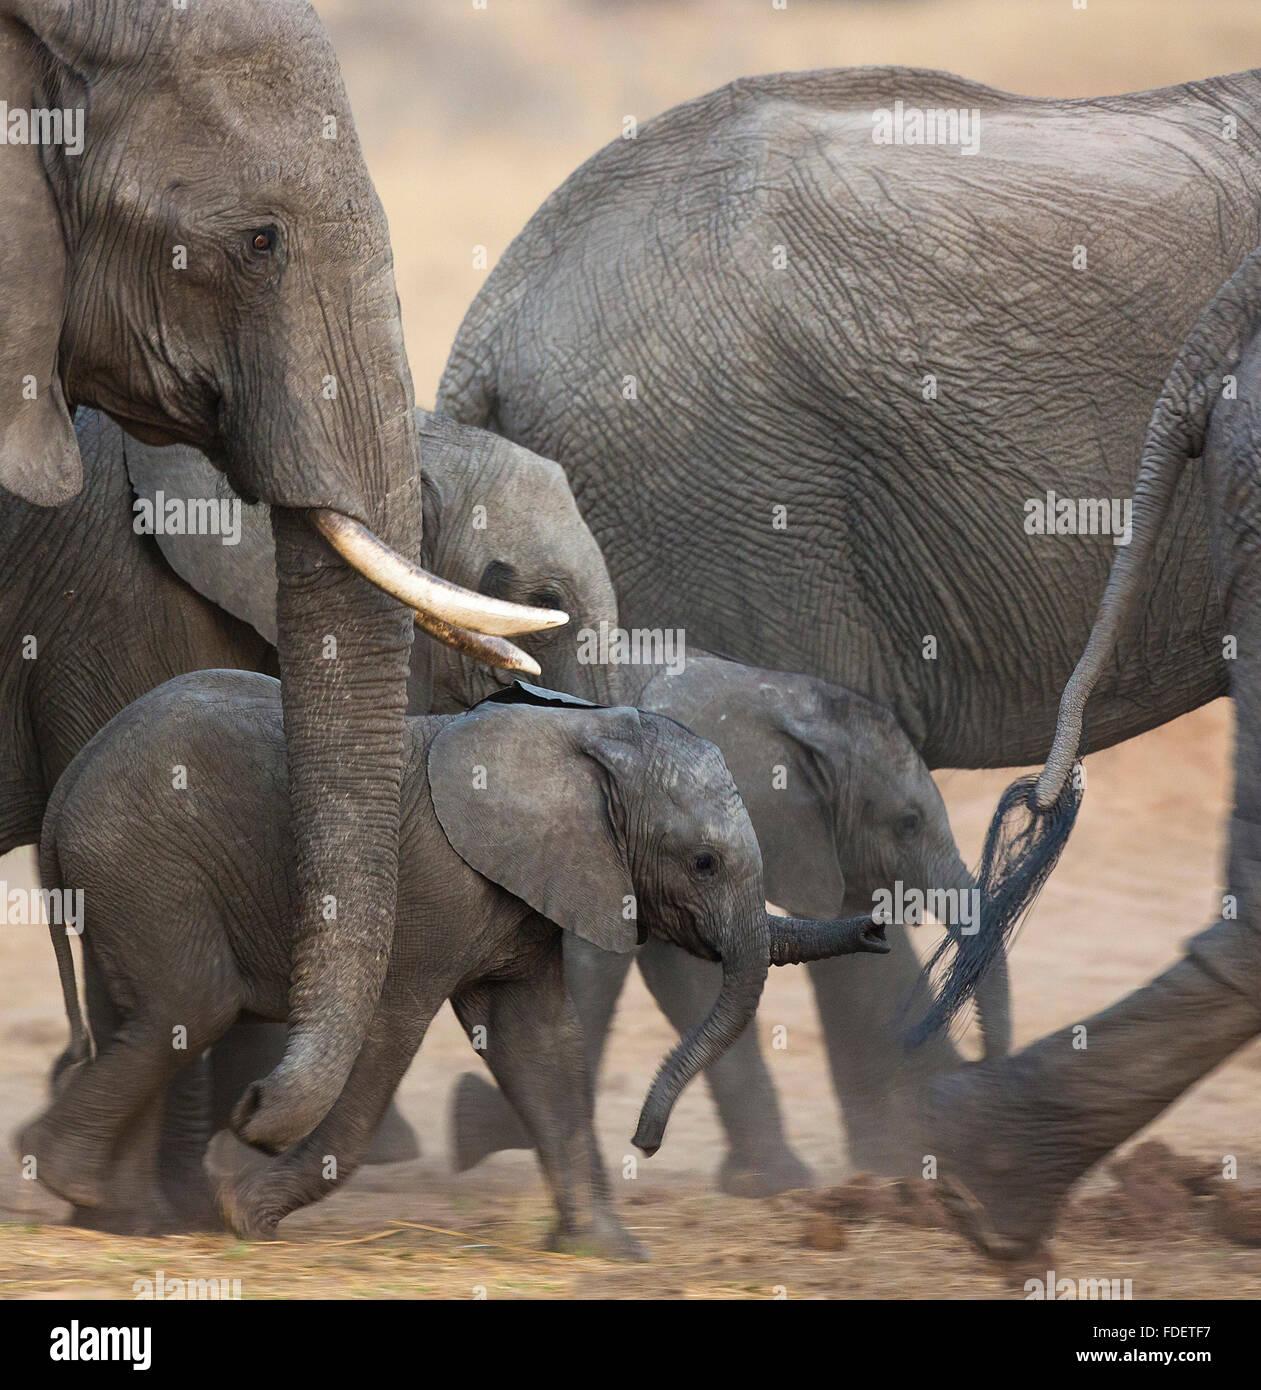 Close up de bébés éléphants marchant au milieu d'un troupeau reproducteur en mouvement, Photo Stock